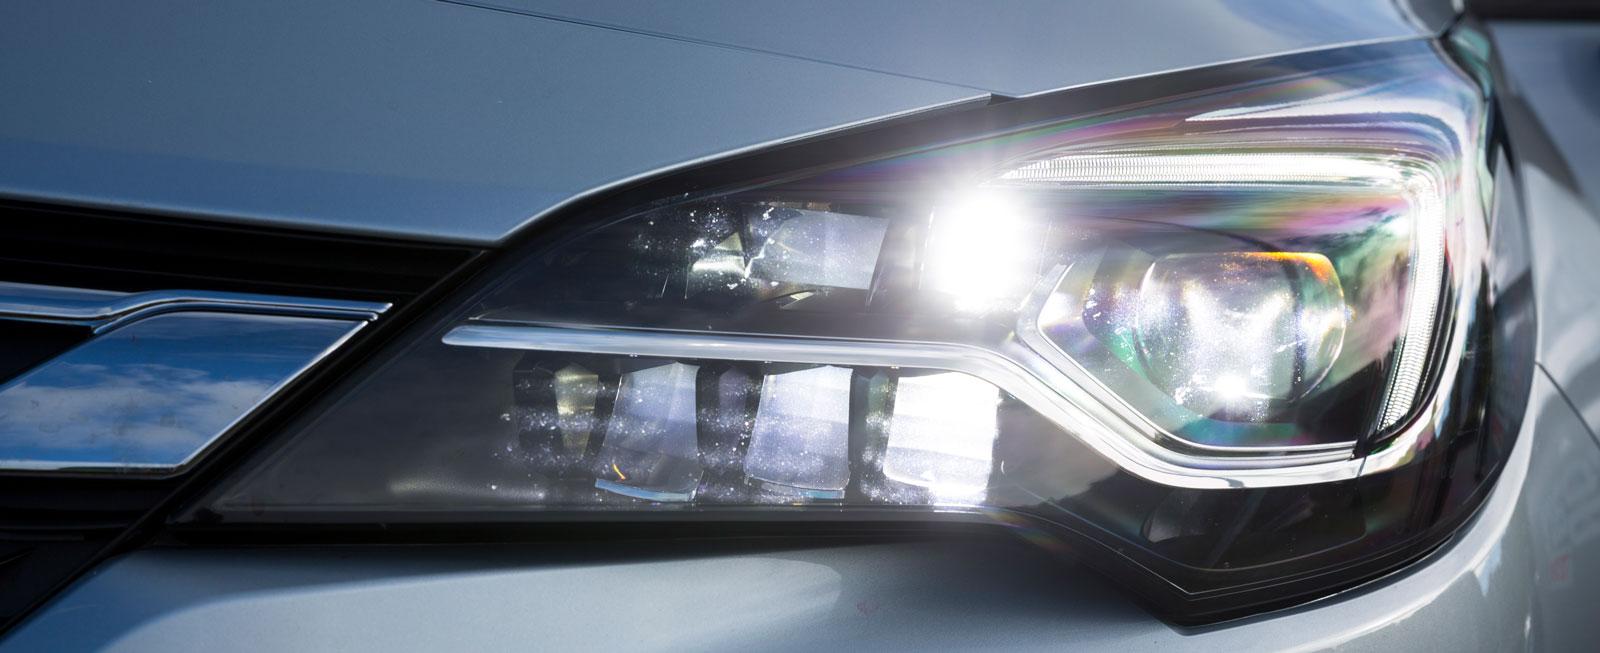 """LED-strålkastarna med automatiskt adaptiv helljusbild som """"skonar"""" mötande ger massivt sken och fungerar väldigt bra."""